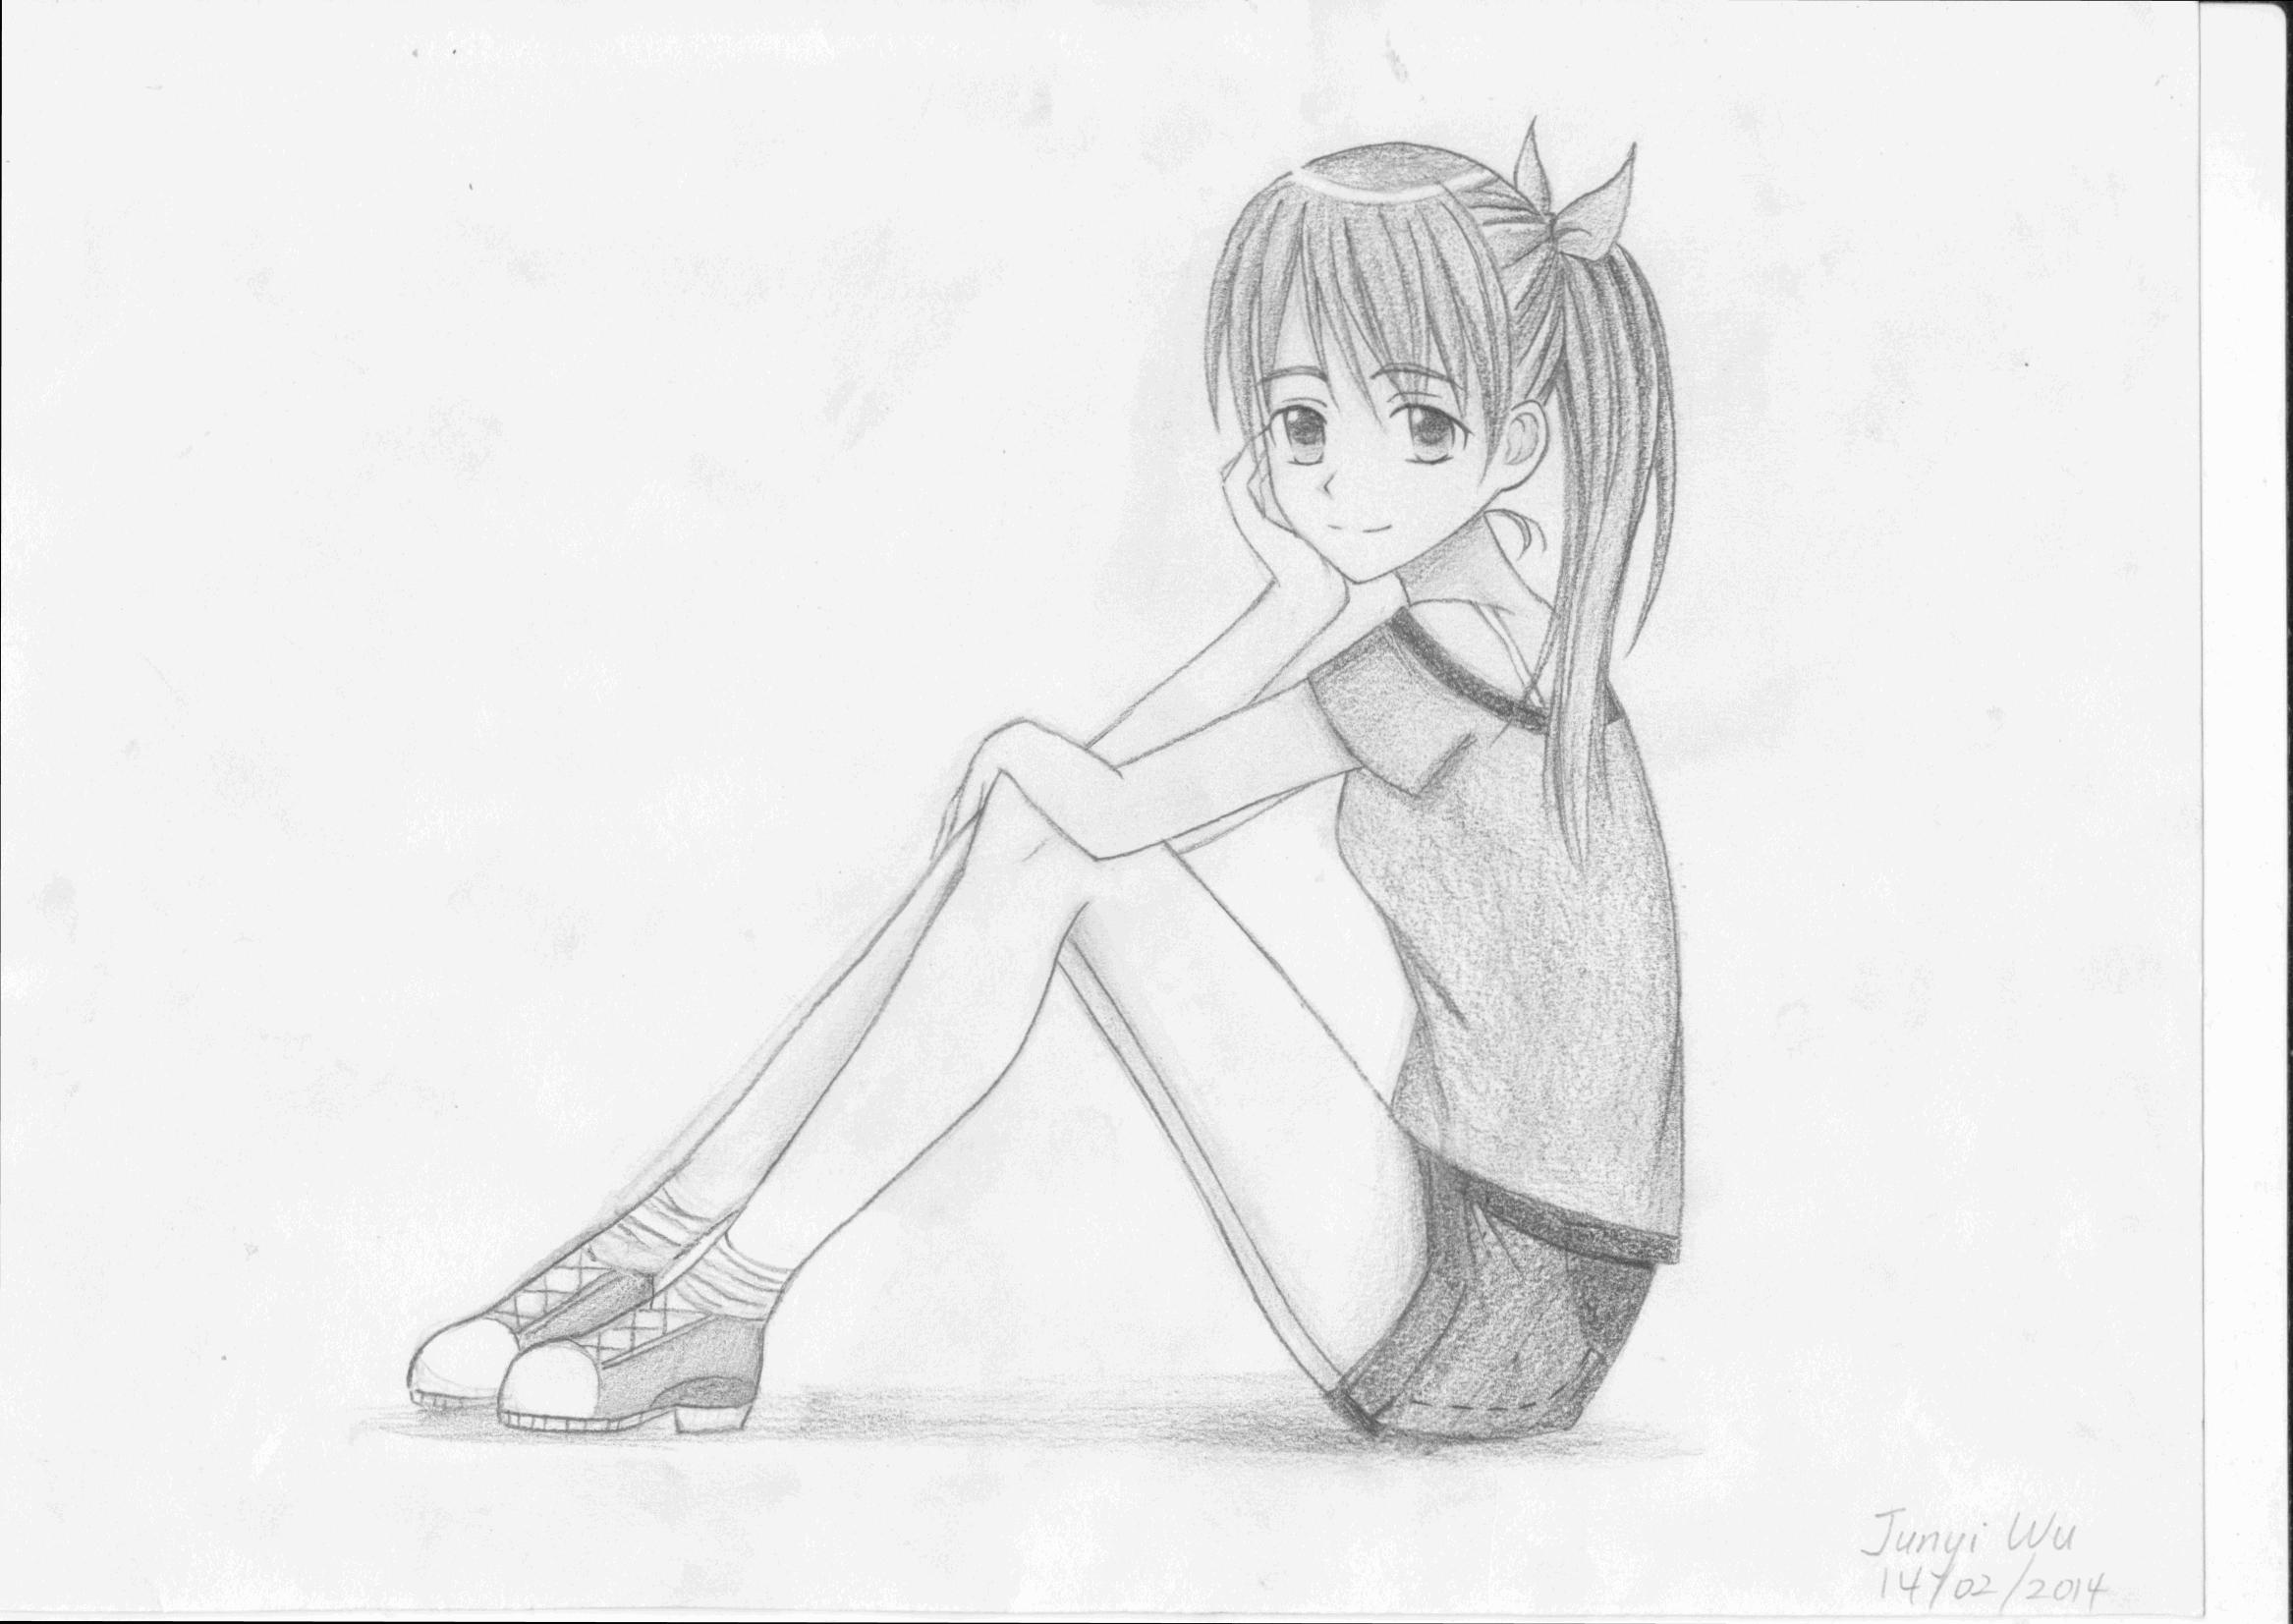 2334x1653 Girl Sitting Sketch Drawing Manga Girl Sitting Poseanime